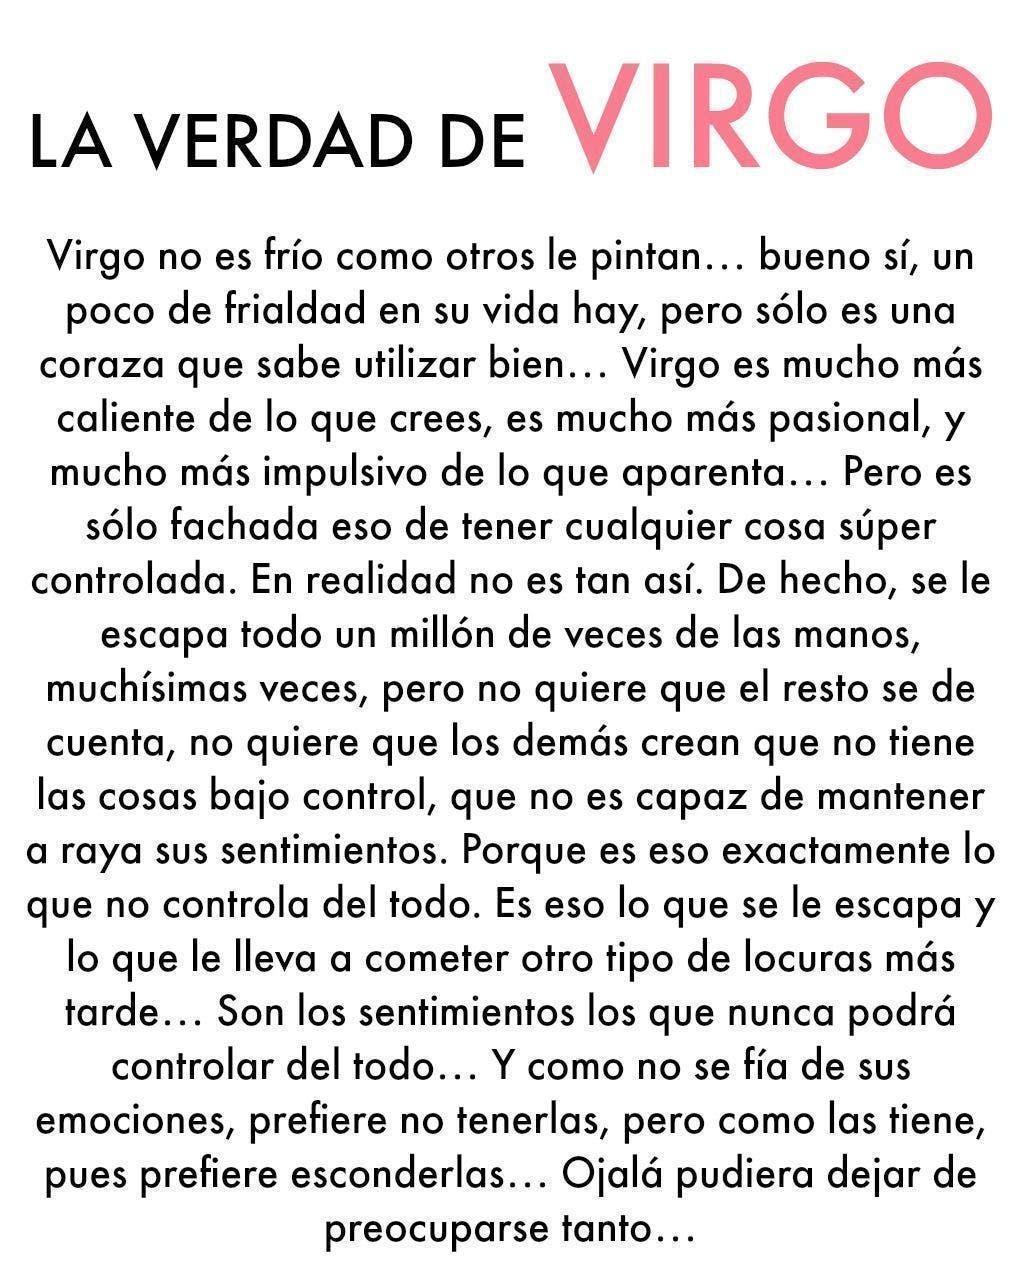 Horoscopo de virgo virgo g 233 minis horoscopo de virgo jose vicente la verdad de virgo hor - Como son los virgo ...